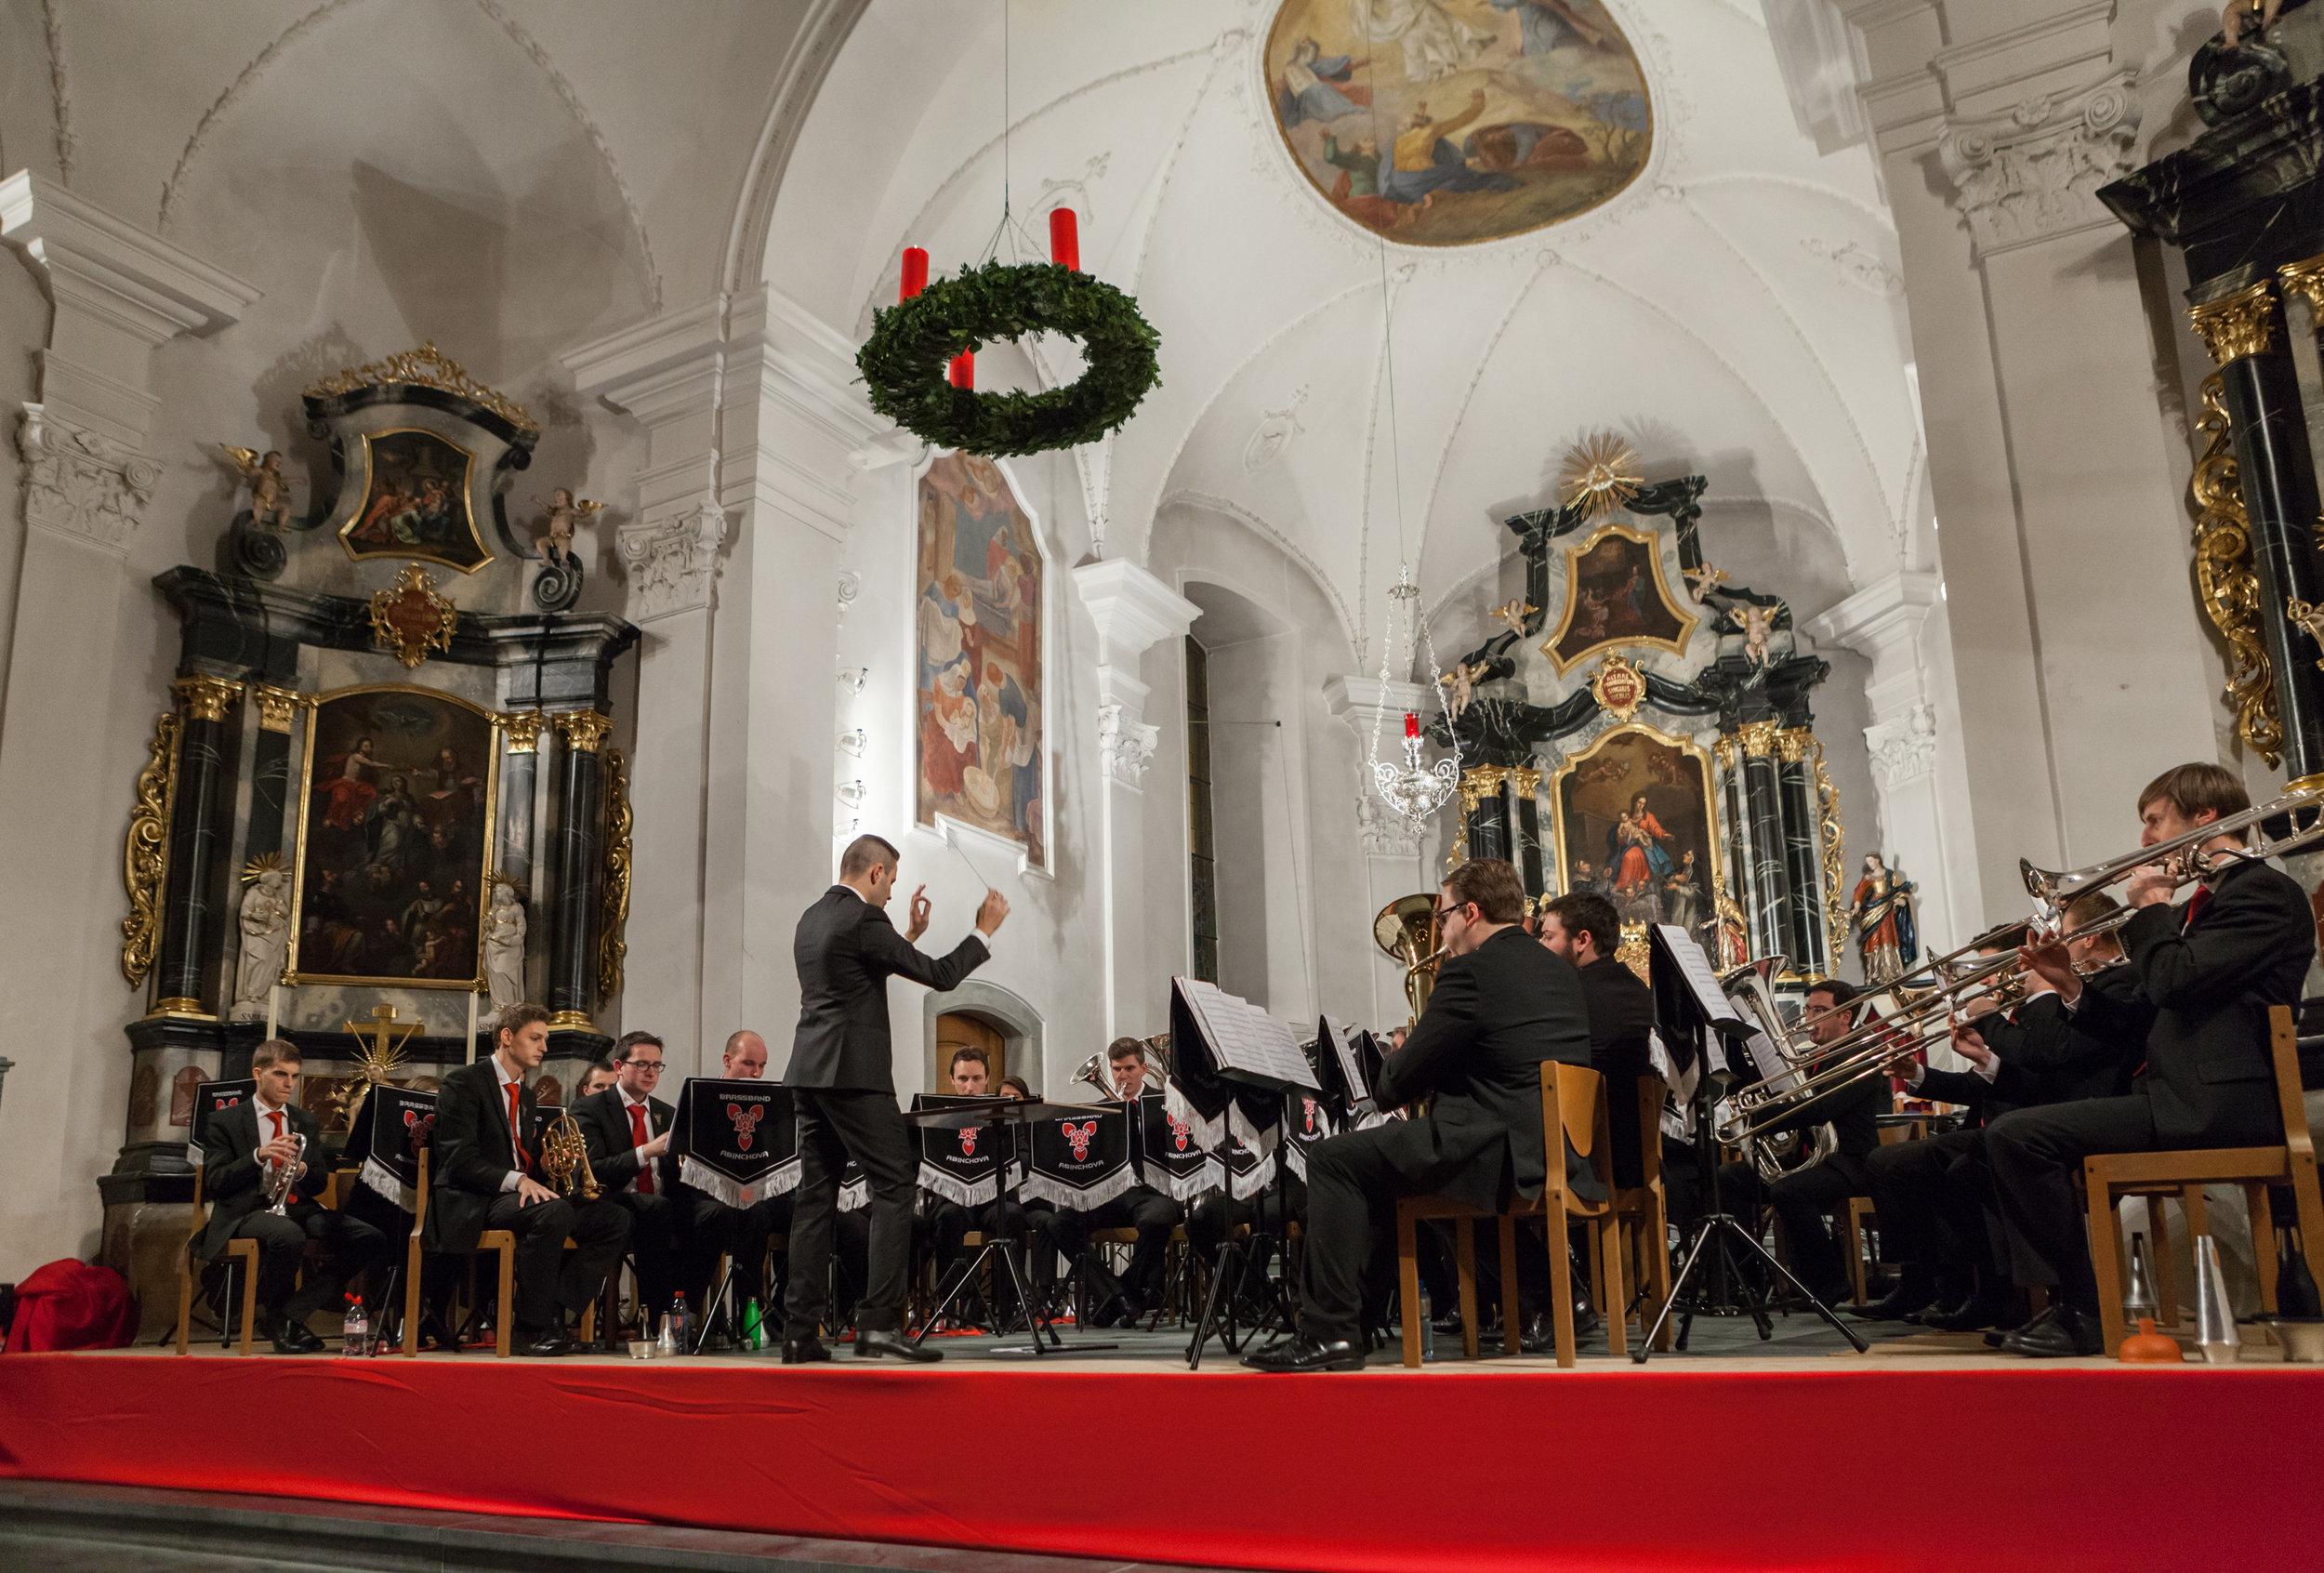 20161210_Gaudette_Konzert_Brassband_Abinchova_16.jpg